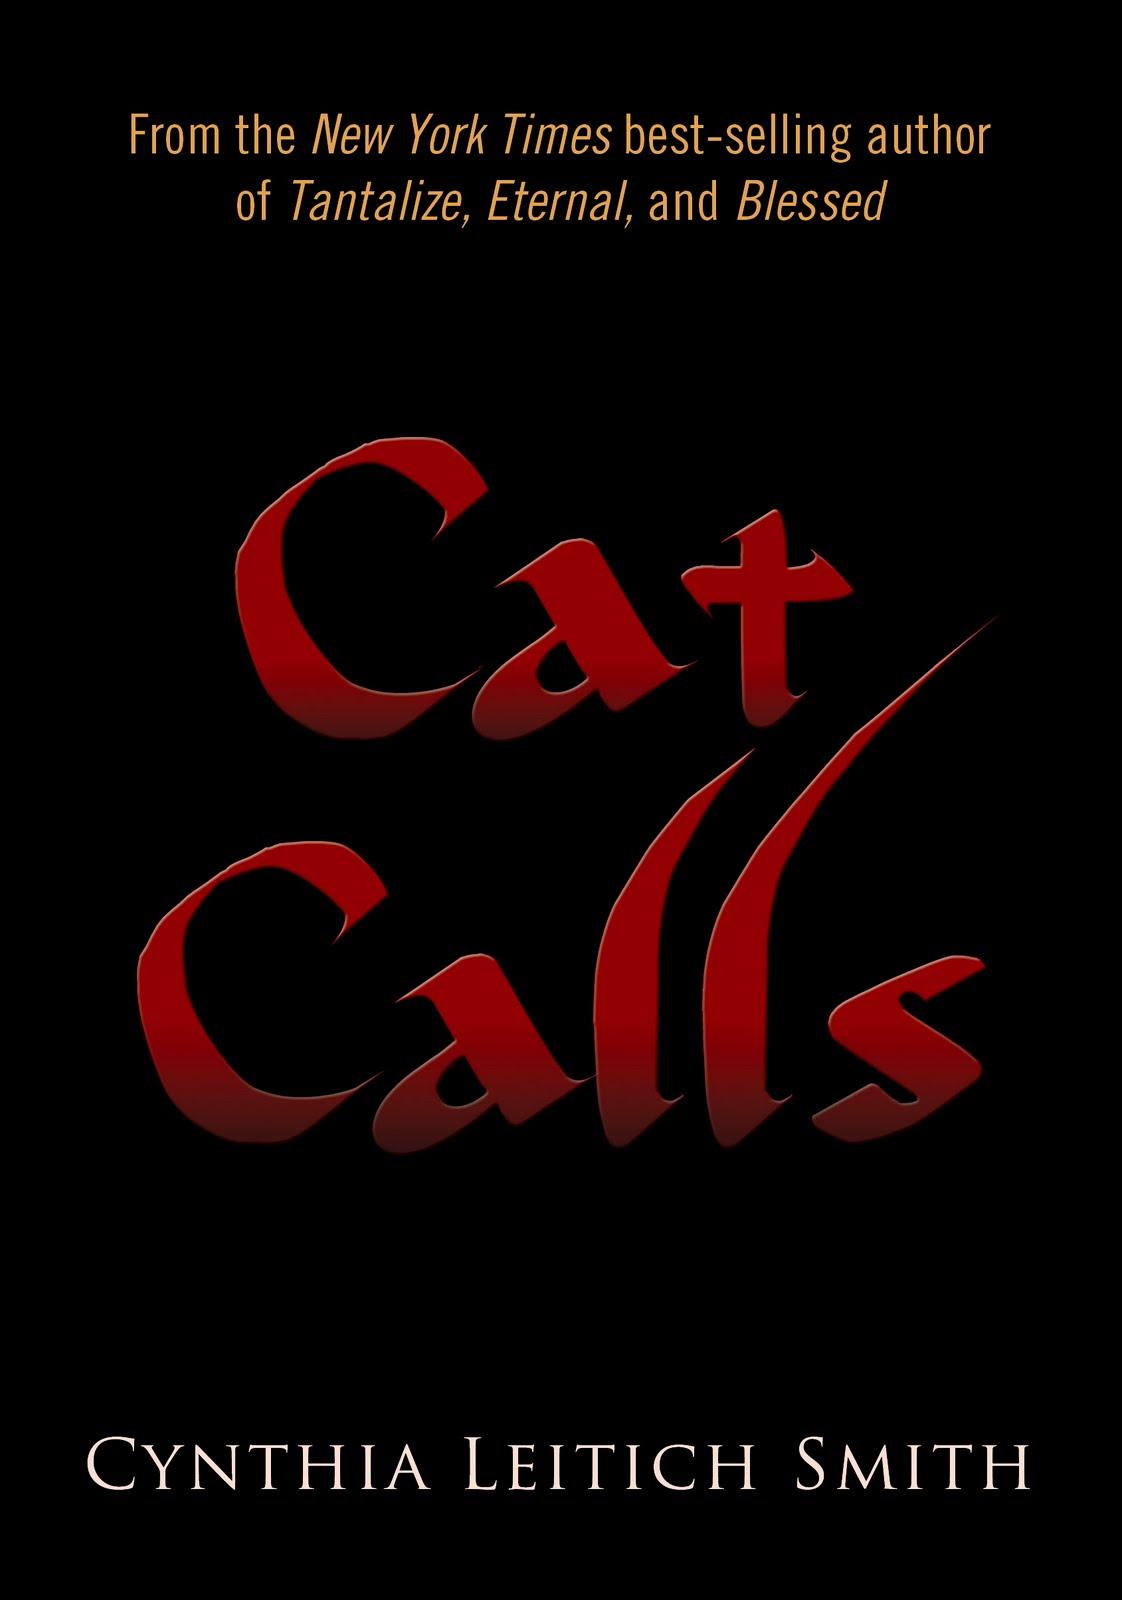 Изображение к теме истории про кота